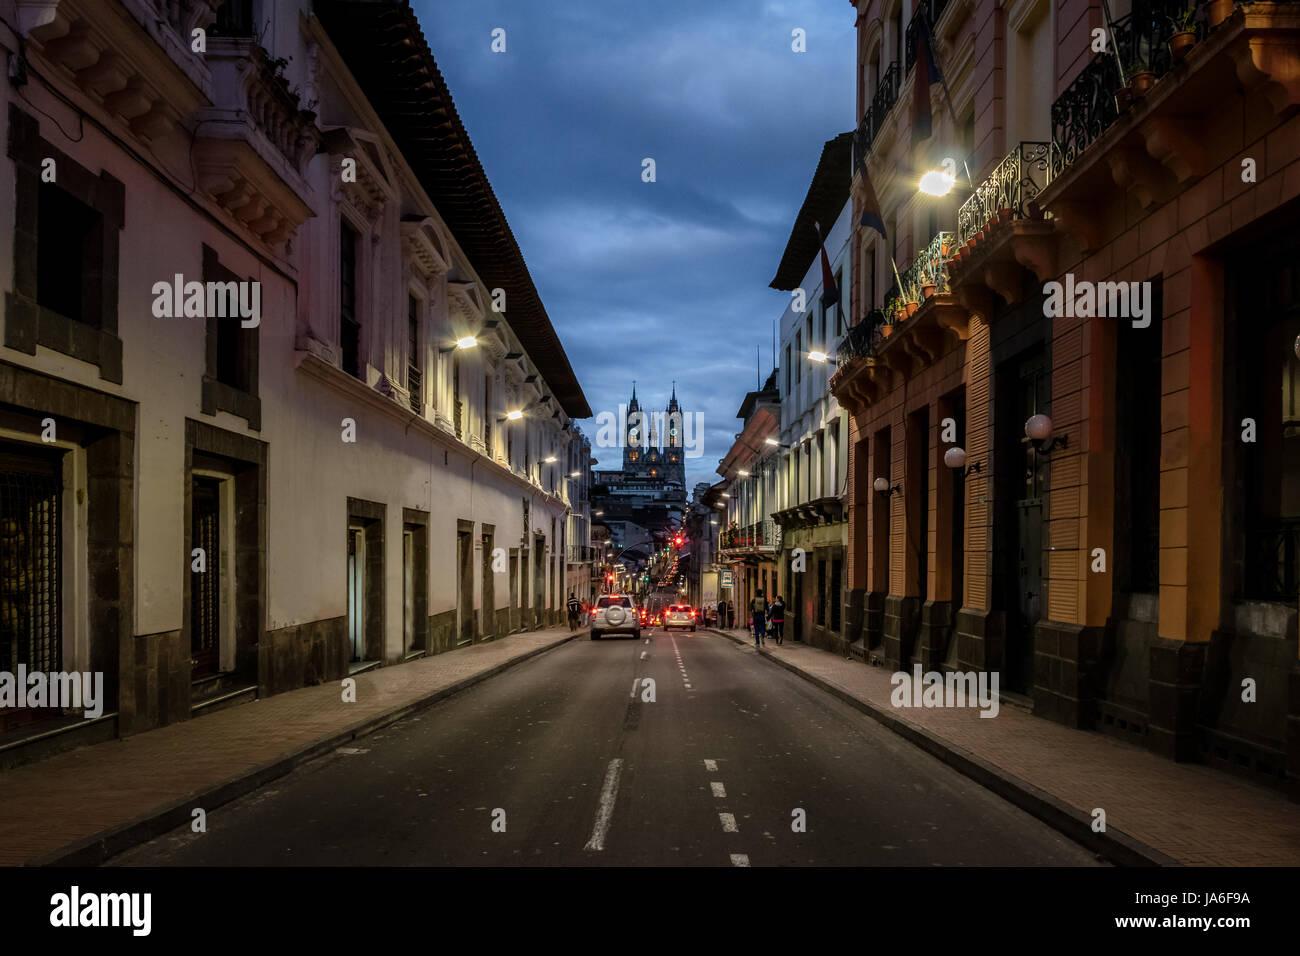 Strada di Quito e la Basilica del Voto Nacional di notte - Quito, Ecuador Immagini Stock